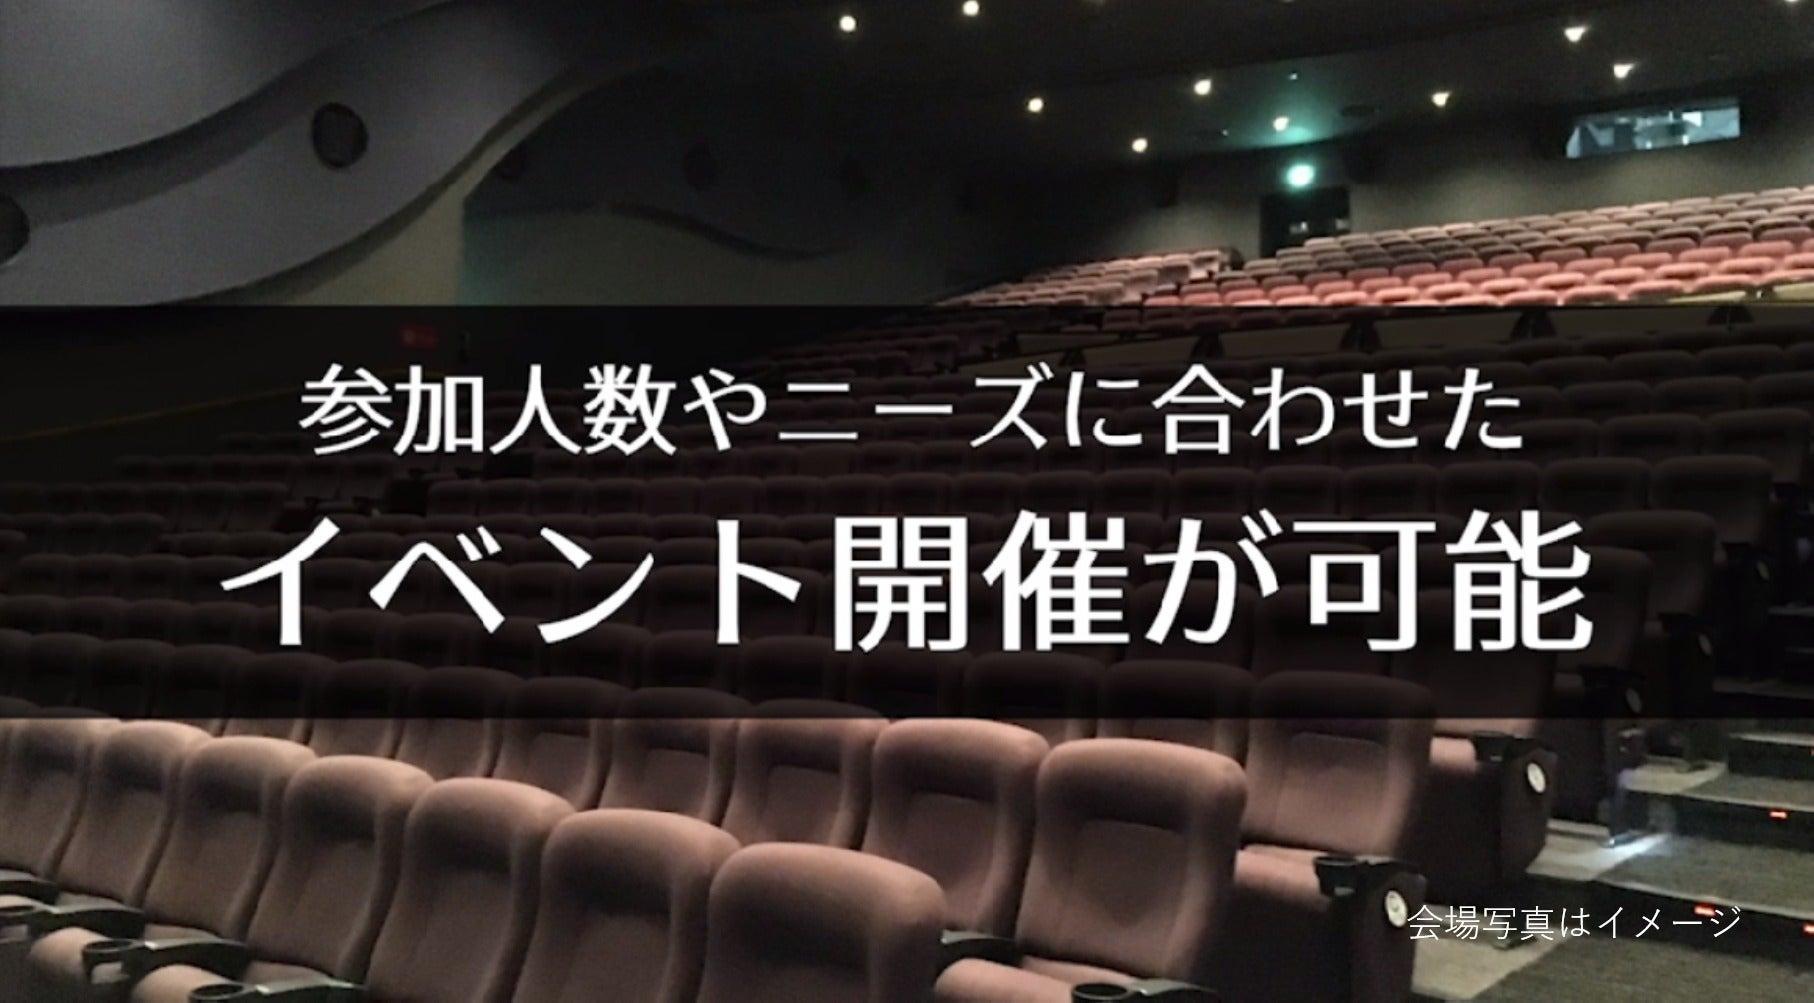 【幸手 157席】映画館で、会社説明会、株主総会、講演会の企画はいかがですか? の写真